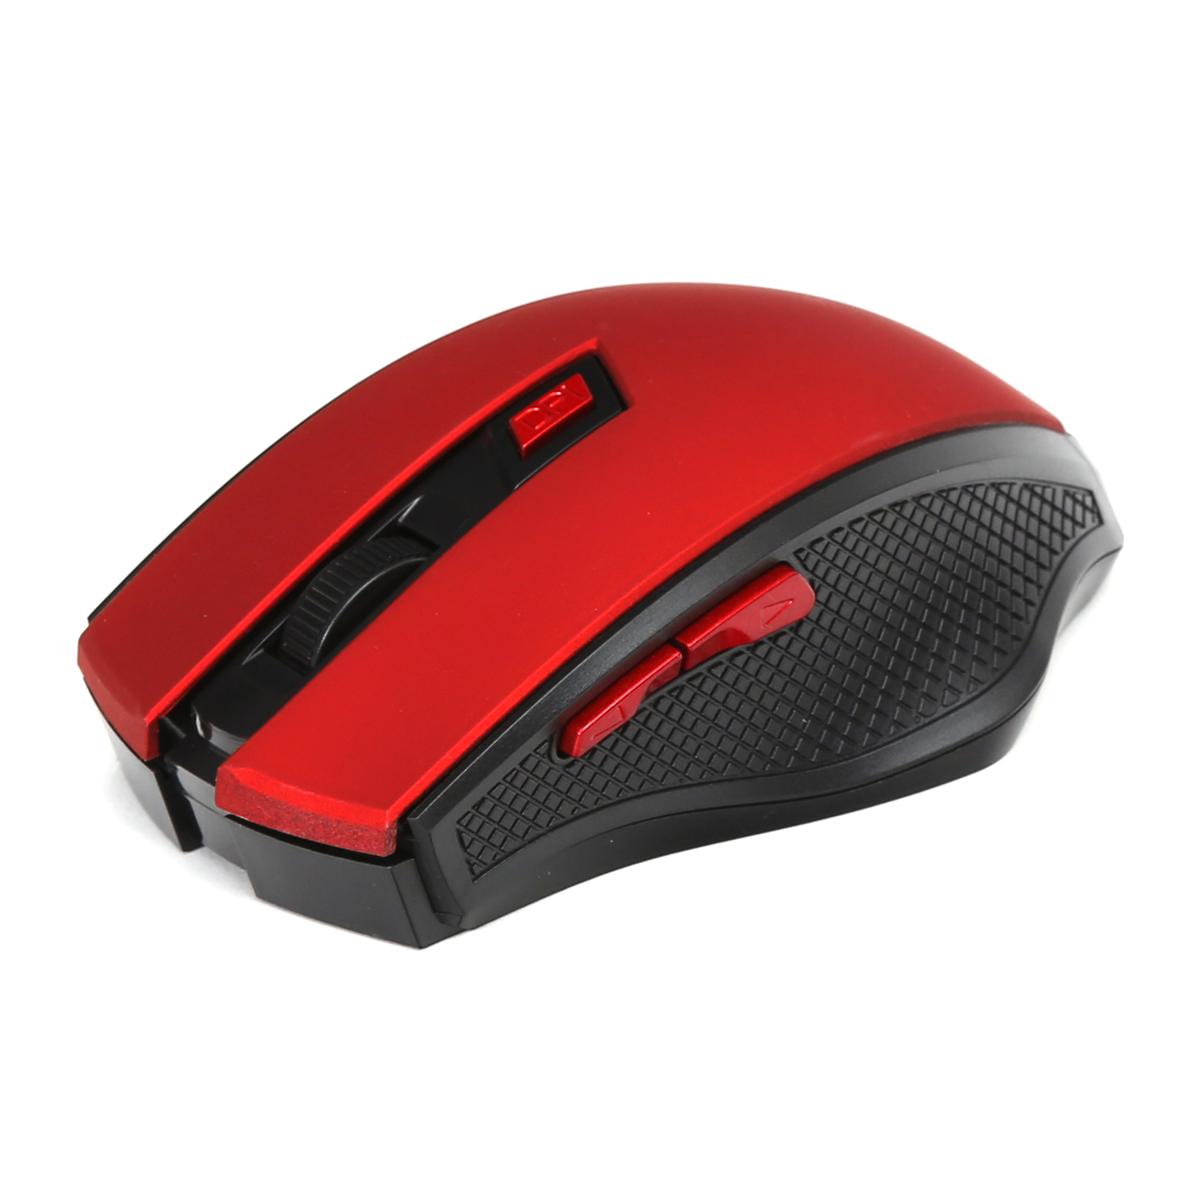 Безжична мишка Omega OM-08 1600DPI, Червена